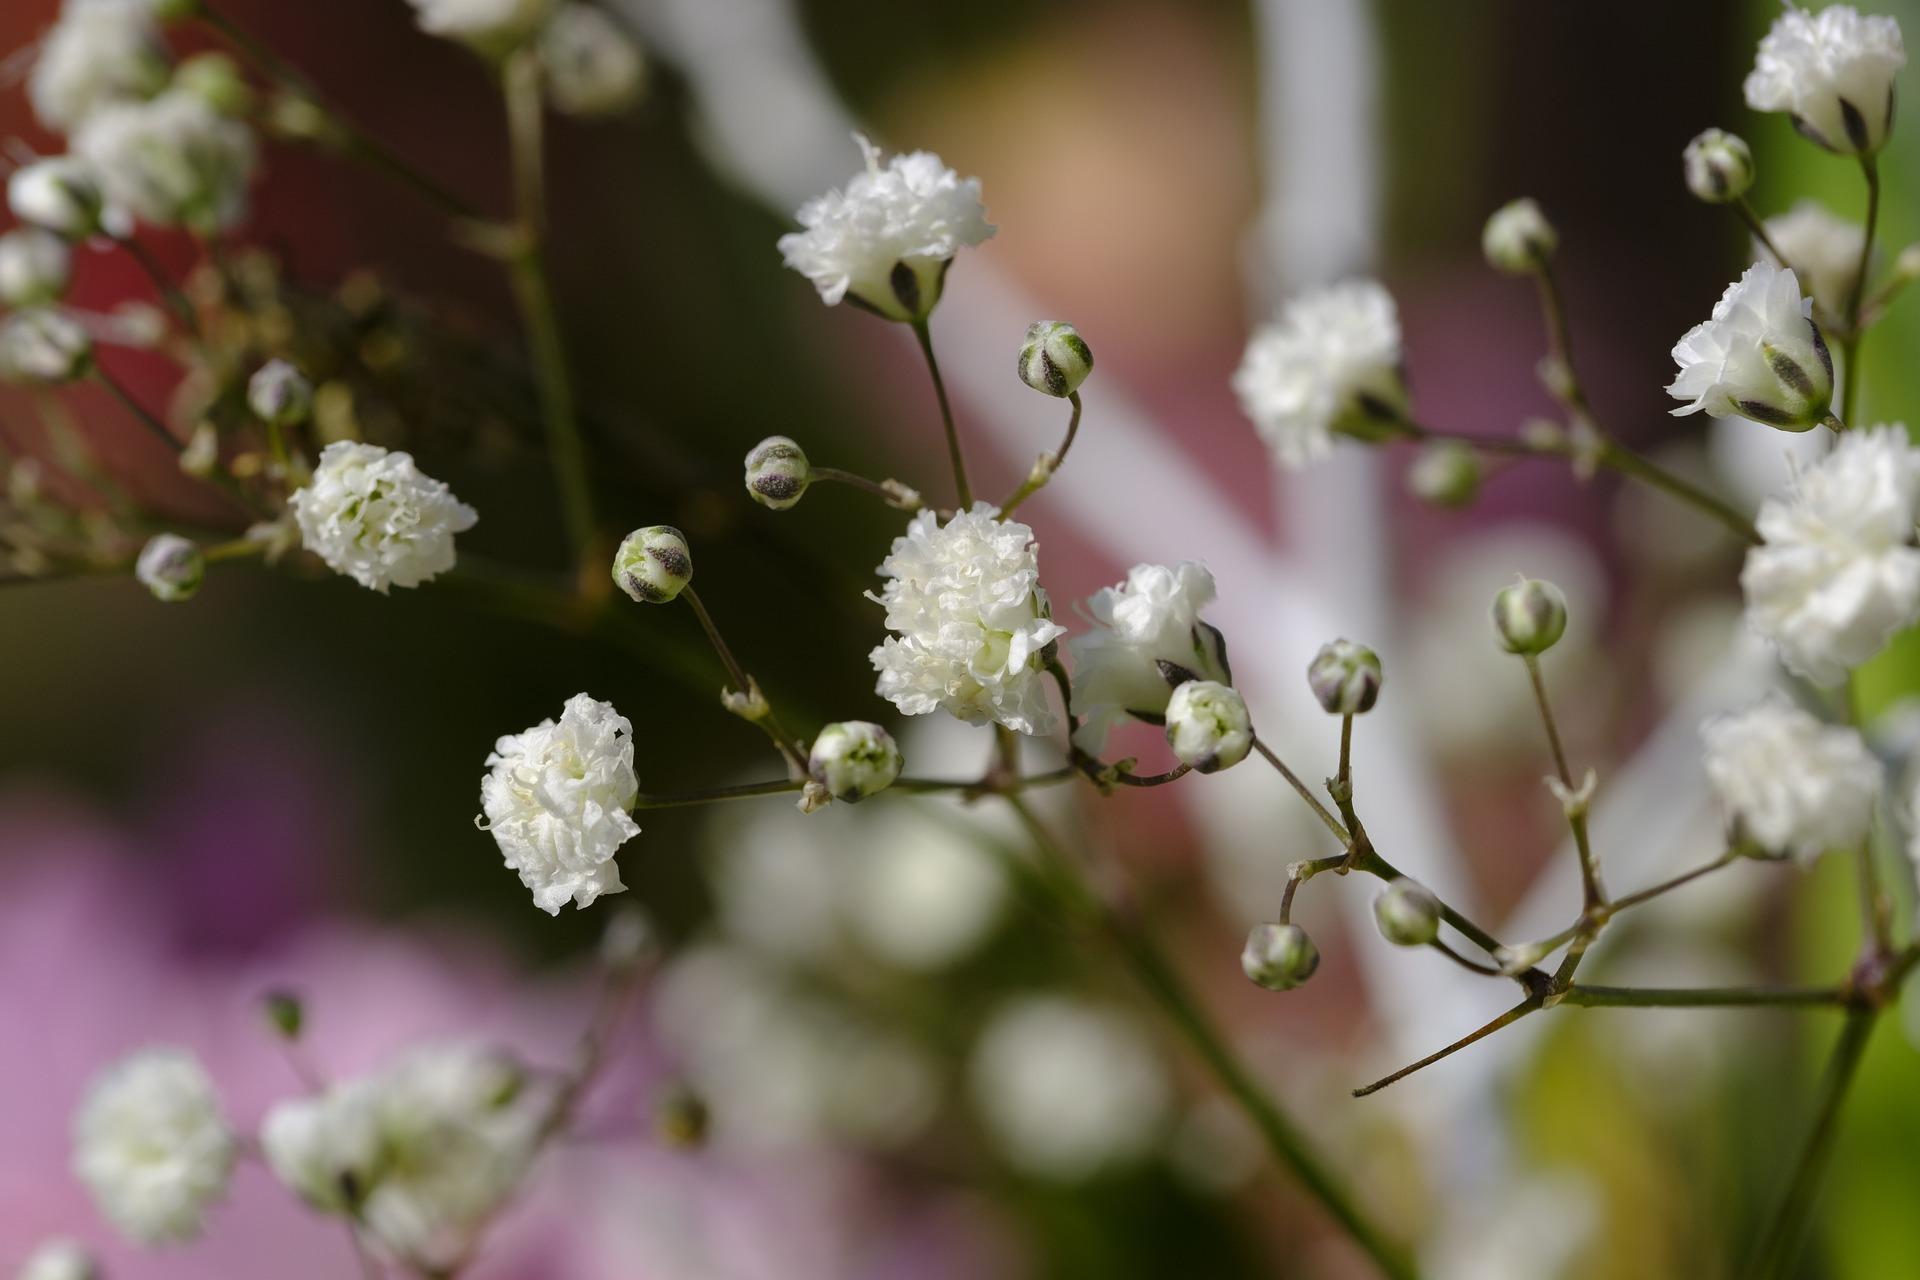 かすみ草(カスミソウ)の花言葉は?種類や色別にそれぞれ詳しくご紹介!